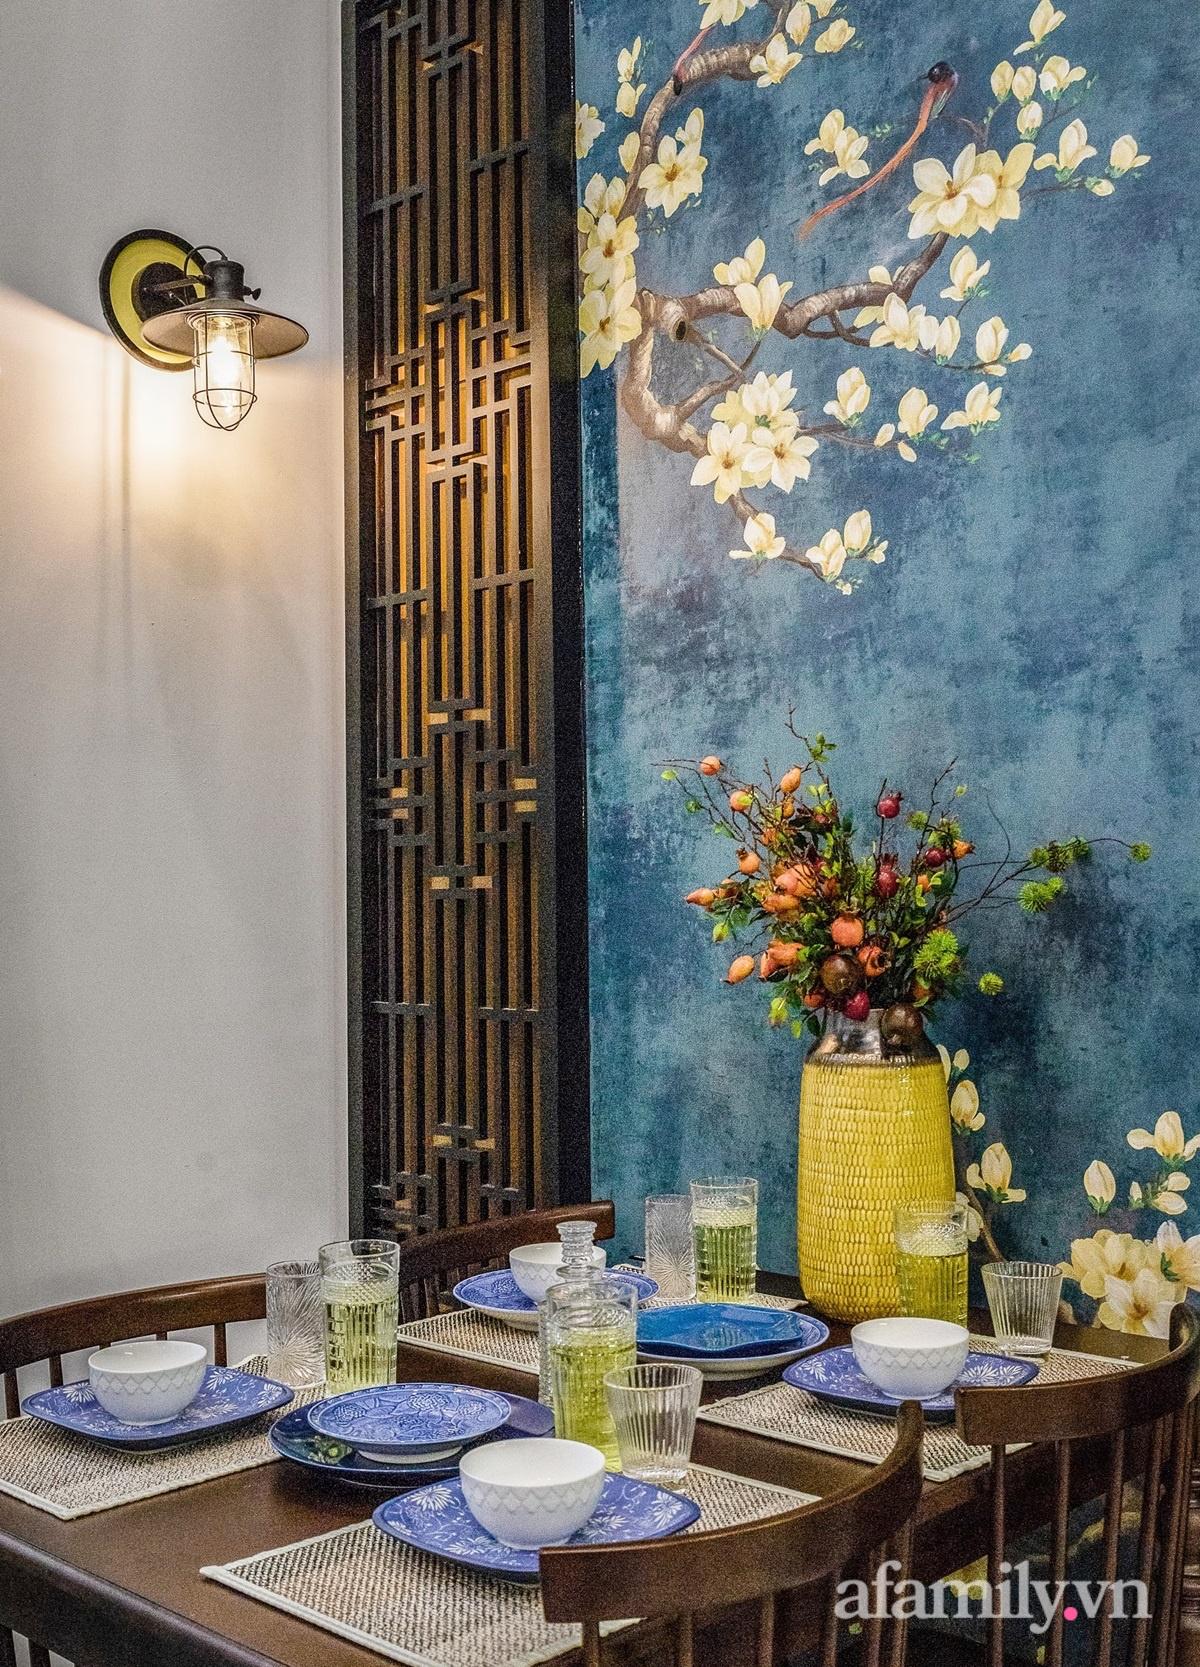 Cải tạo căn hộ tập thể 85m² thành không gian phảng phất vẻ đẹp Đông Dương với chi phí 700 triệu đồng ở Sài Gòn - Ảnh 11.